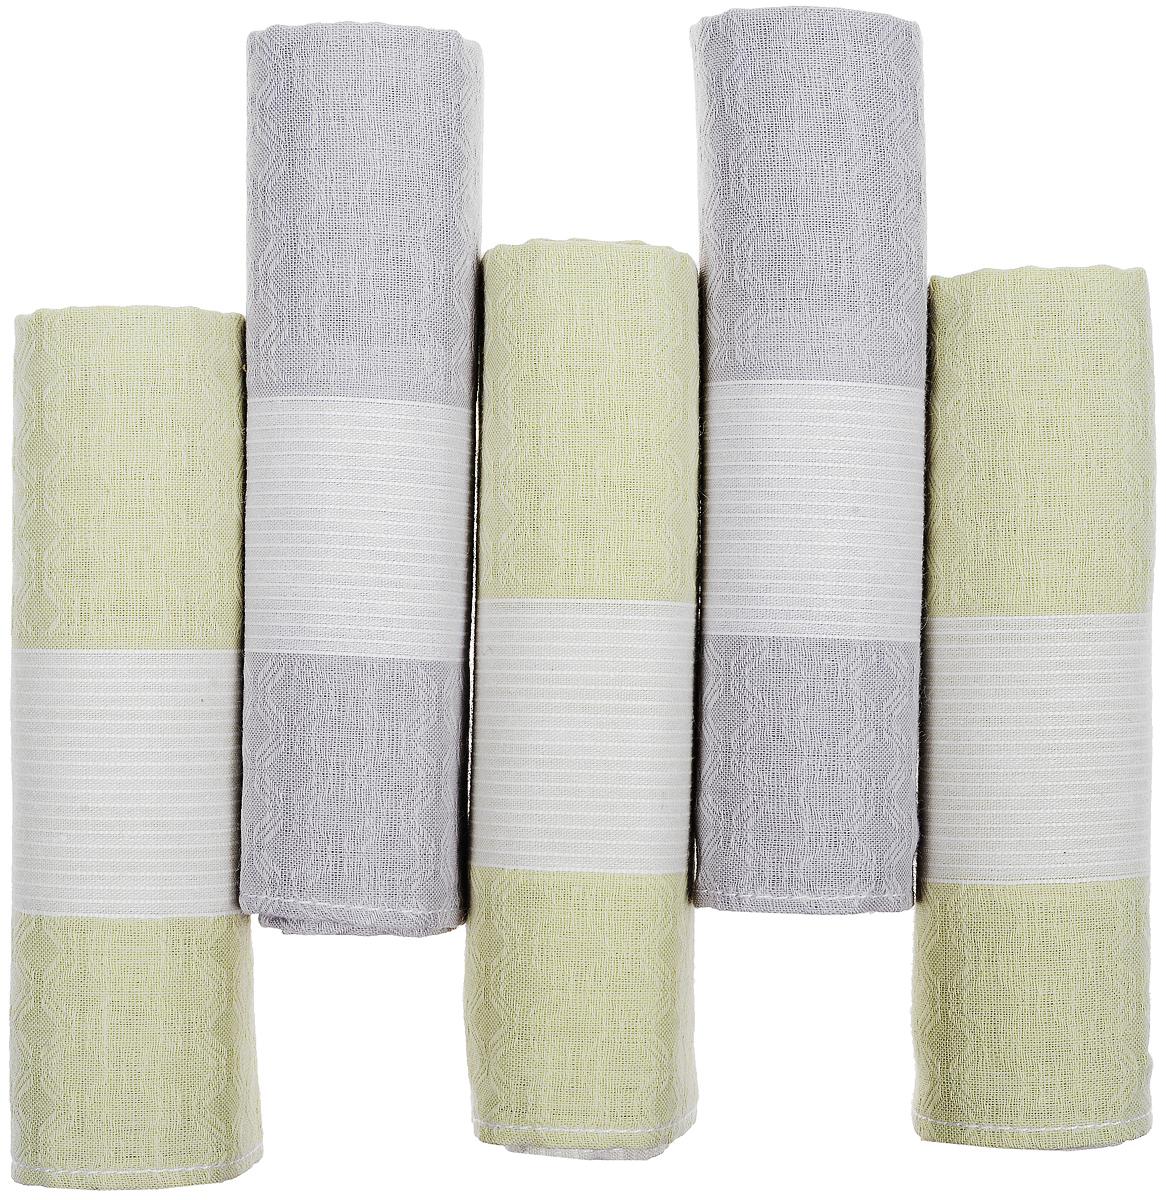 Платок носовой мужской Zlata Korunka, цвет: серый, молочный, 5 шт. 90512-3. Размер 29 см х 29 см39864|Серьги с подвескамиОригинальный мужской носовой платок Zlata Korunka изготовлен из высококачественного натурального хлопка, благодаря чему приятен в использовании, хорошо стирается, не садится и отлично впитывает влагу. Практичный и изящный носовой платок будет незаменим в повседневной жизни любого современного человека. Такой платок послужит стильным аксессуаром и подчеркнет ваше превосходное чувство вкуса.В комплекте 5 платков.